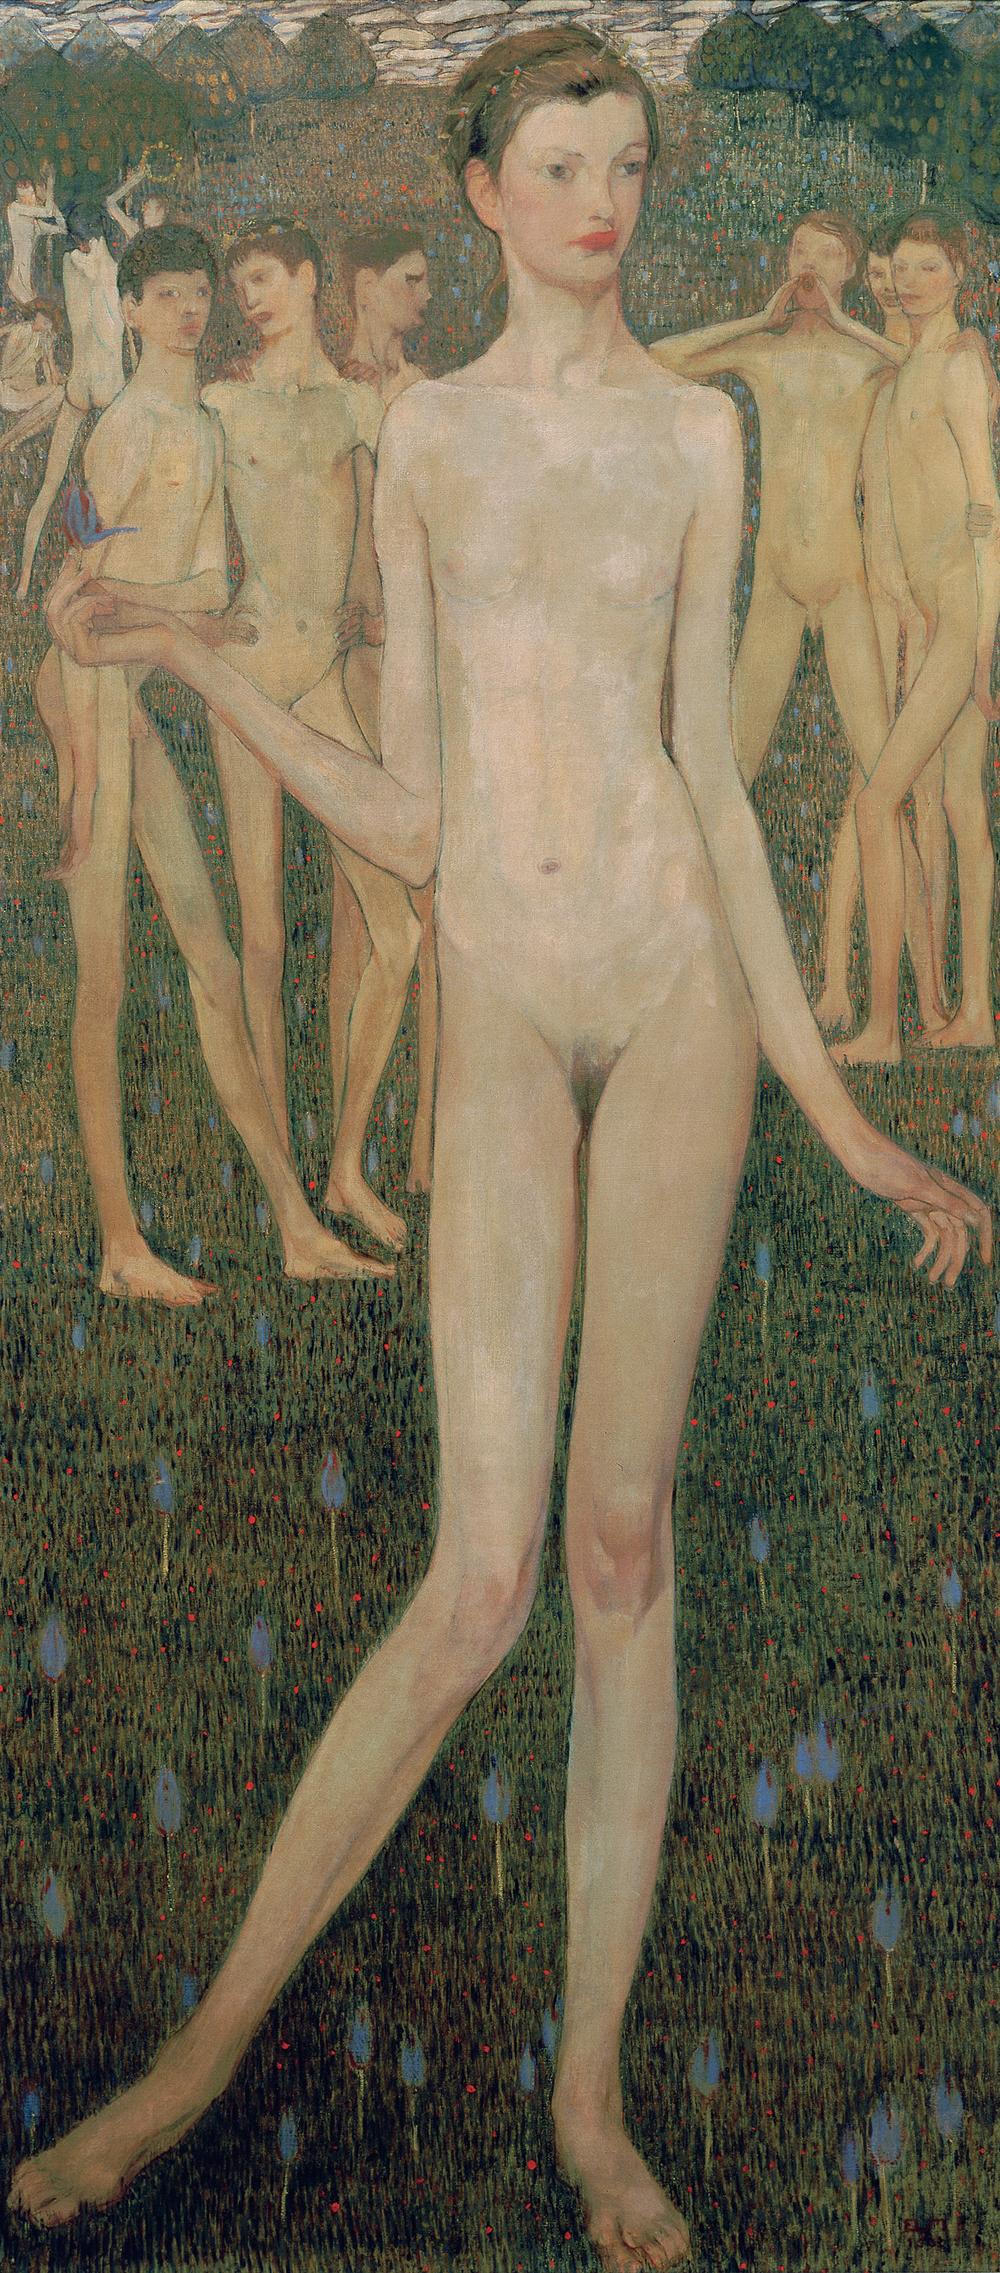 Elena Luksch-Makowsky (1878-1967), Adolescentia, 1903, Öl auf Leinwand, H. 172 cm, B. 79 cm, Österreichische Galerie Belvedere, Wien